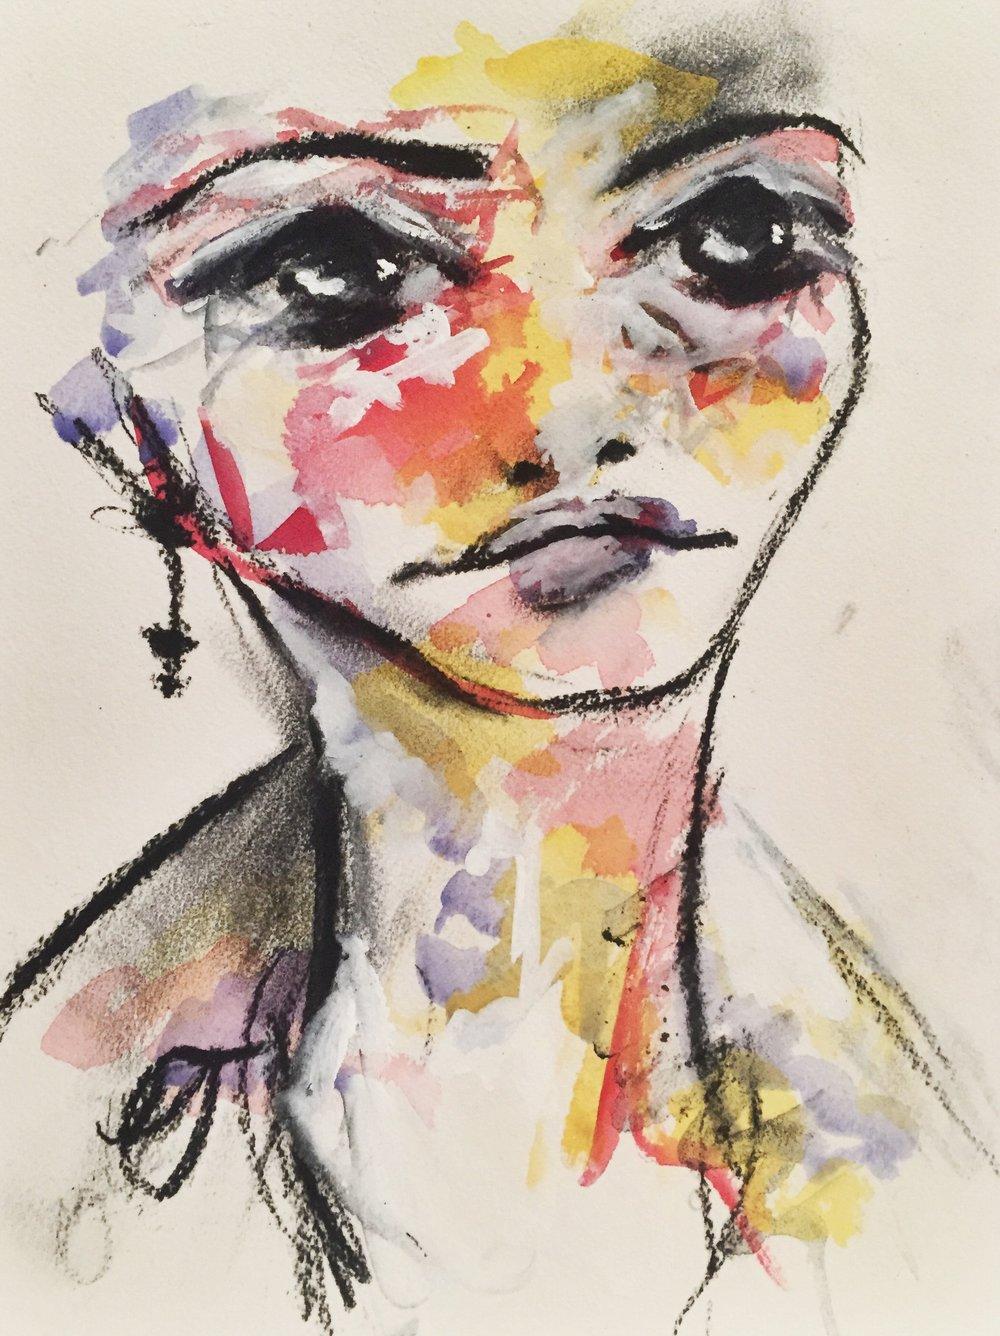 Expressionist Paris, Portrait 1